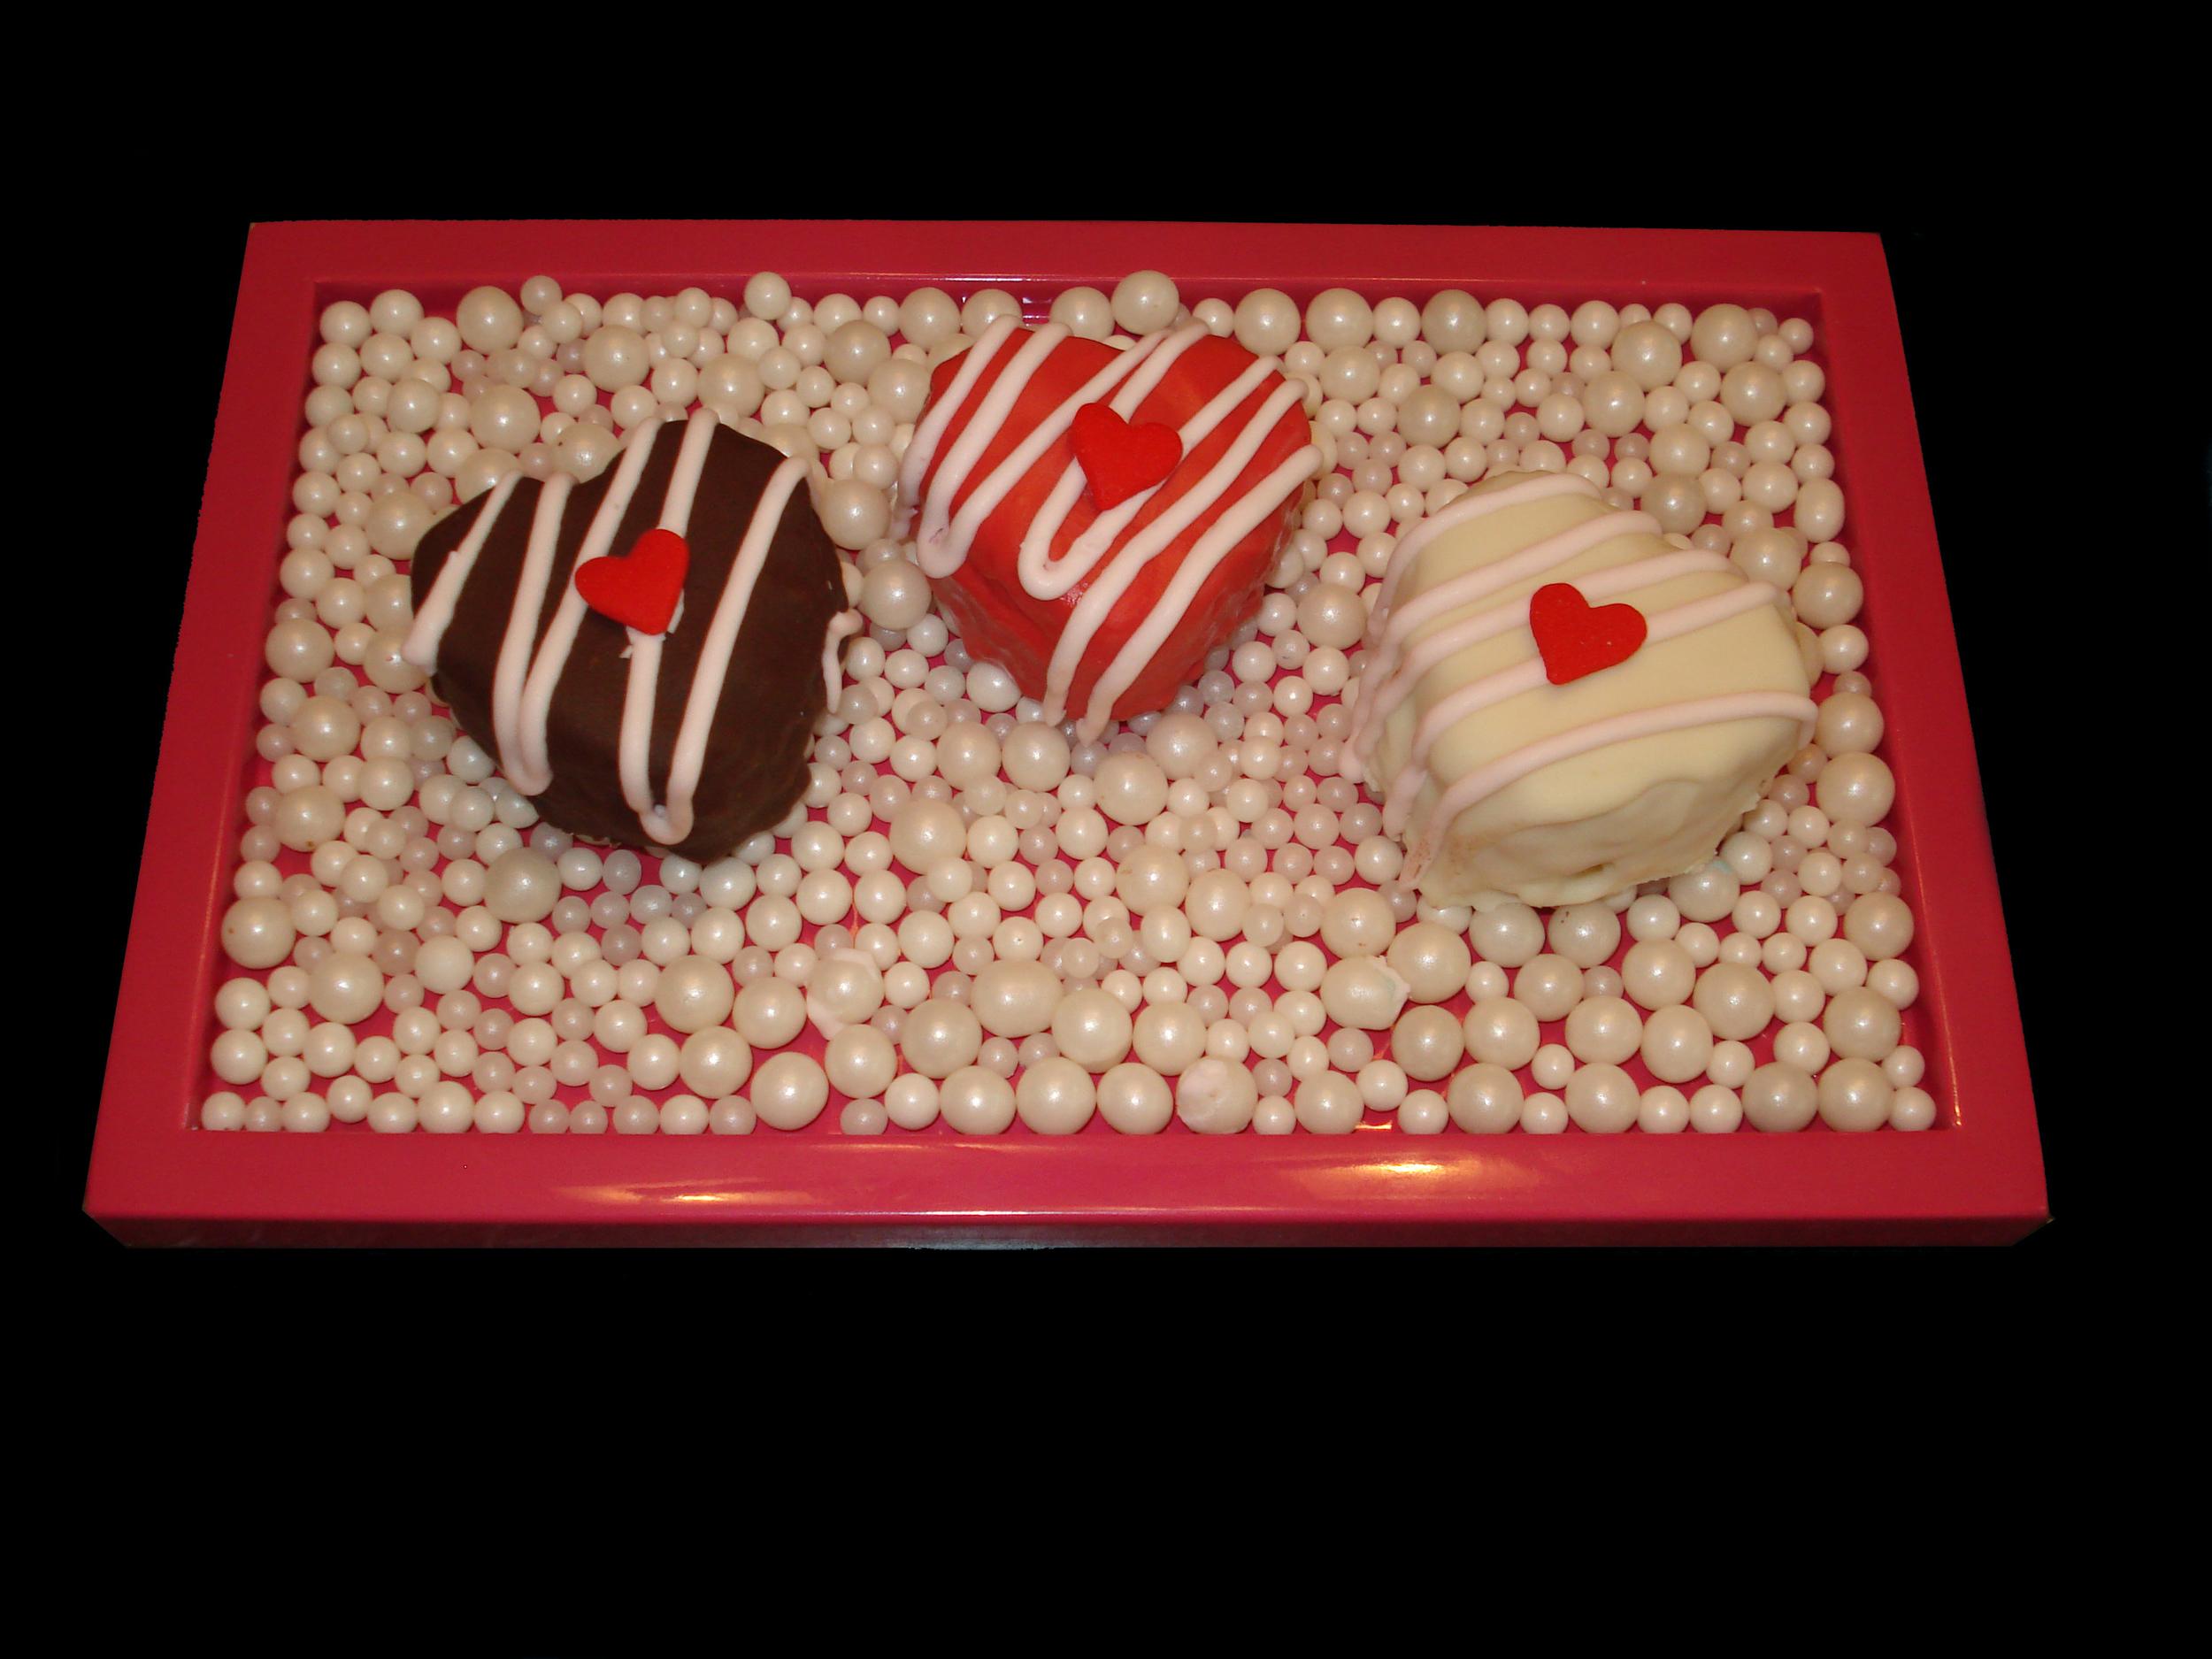 xTreats Choco Hearts 1.jpg